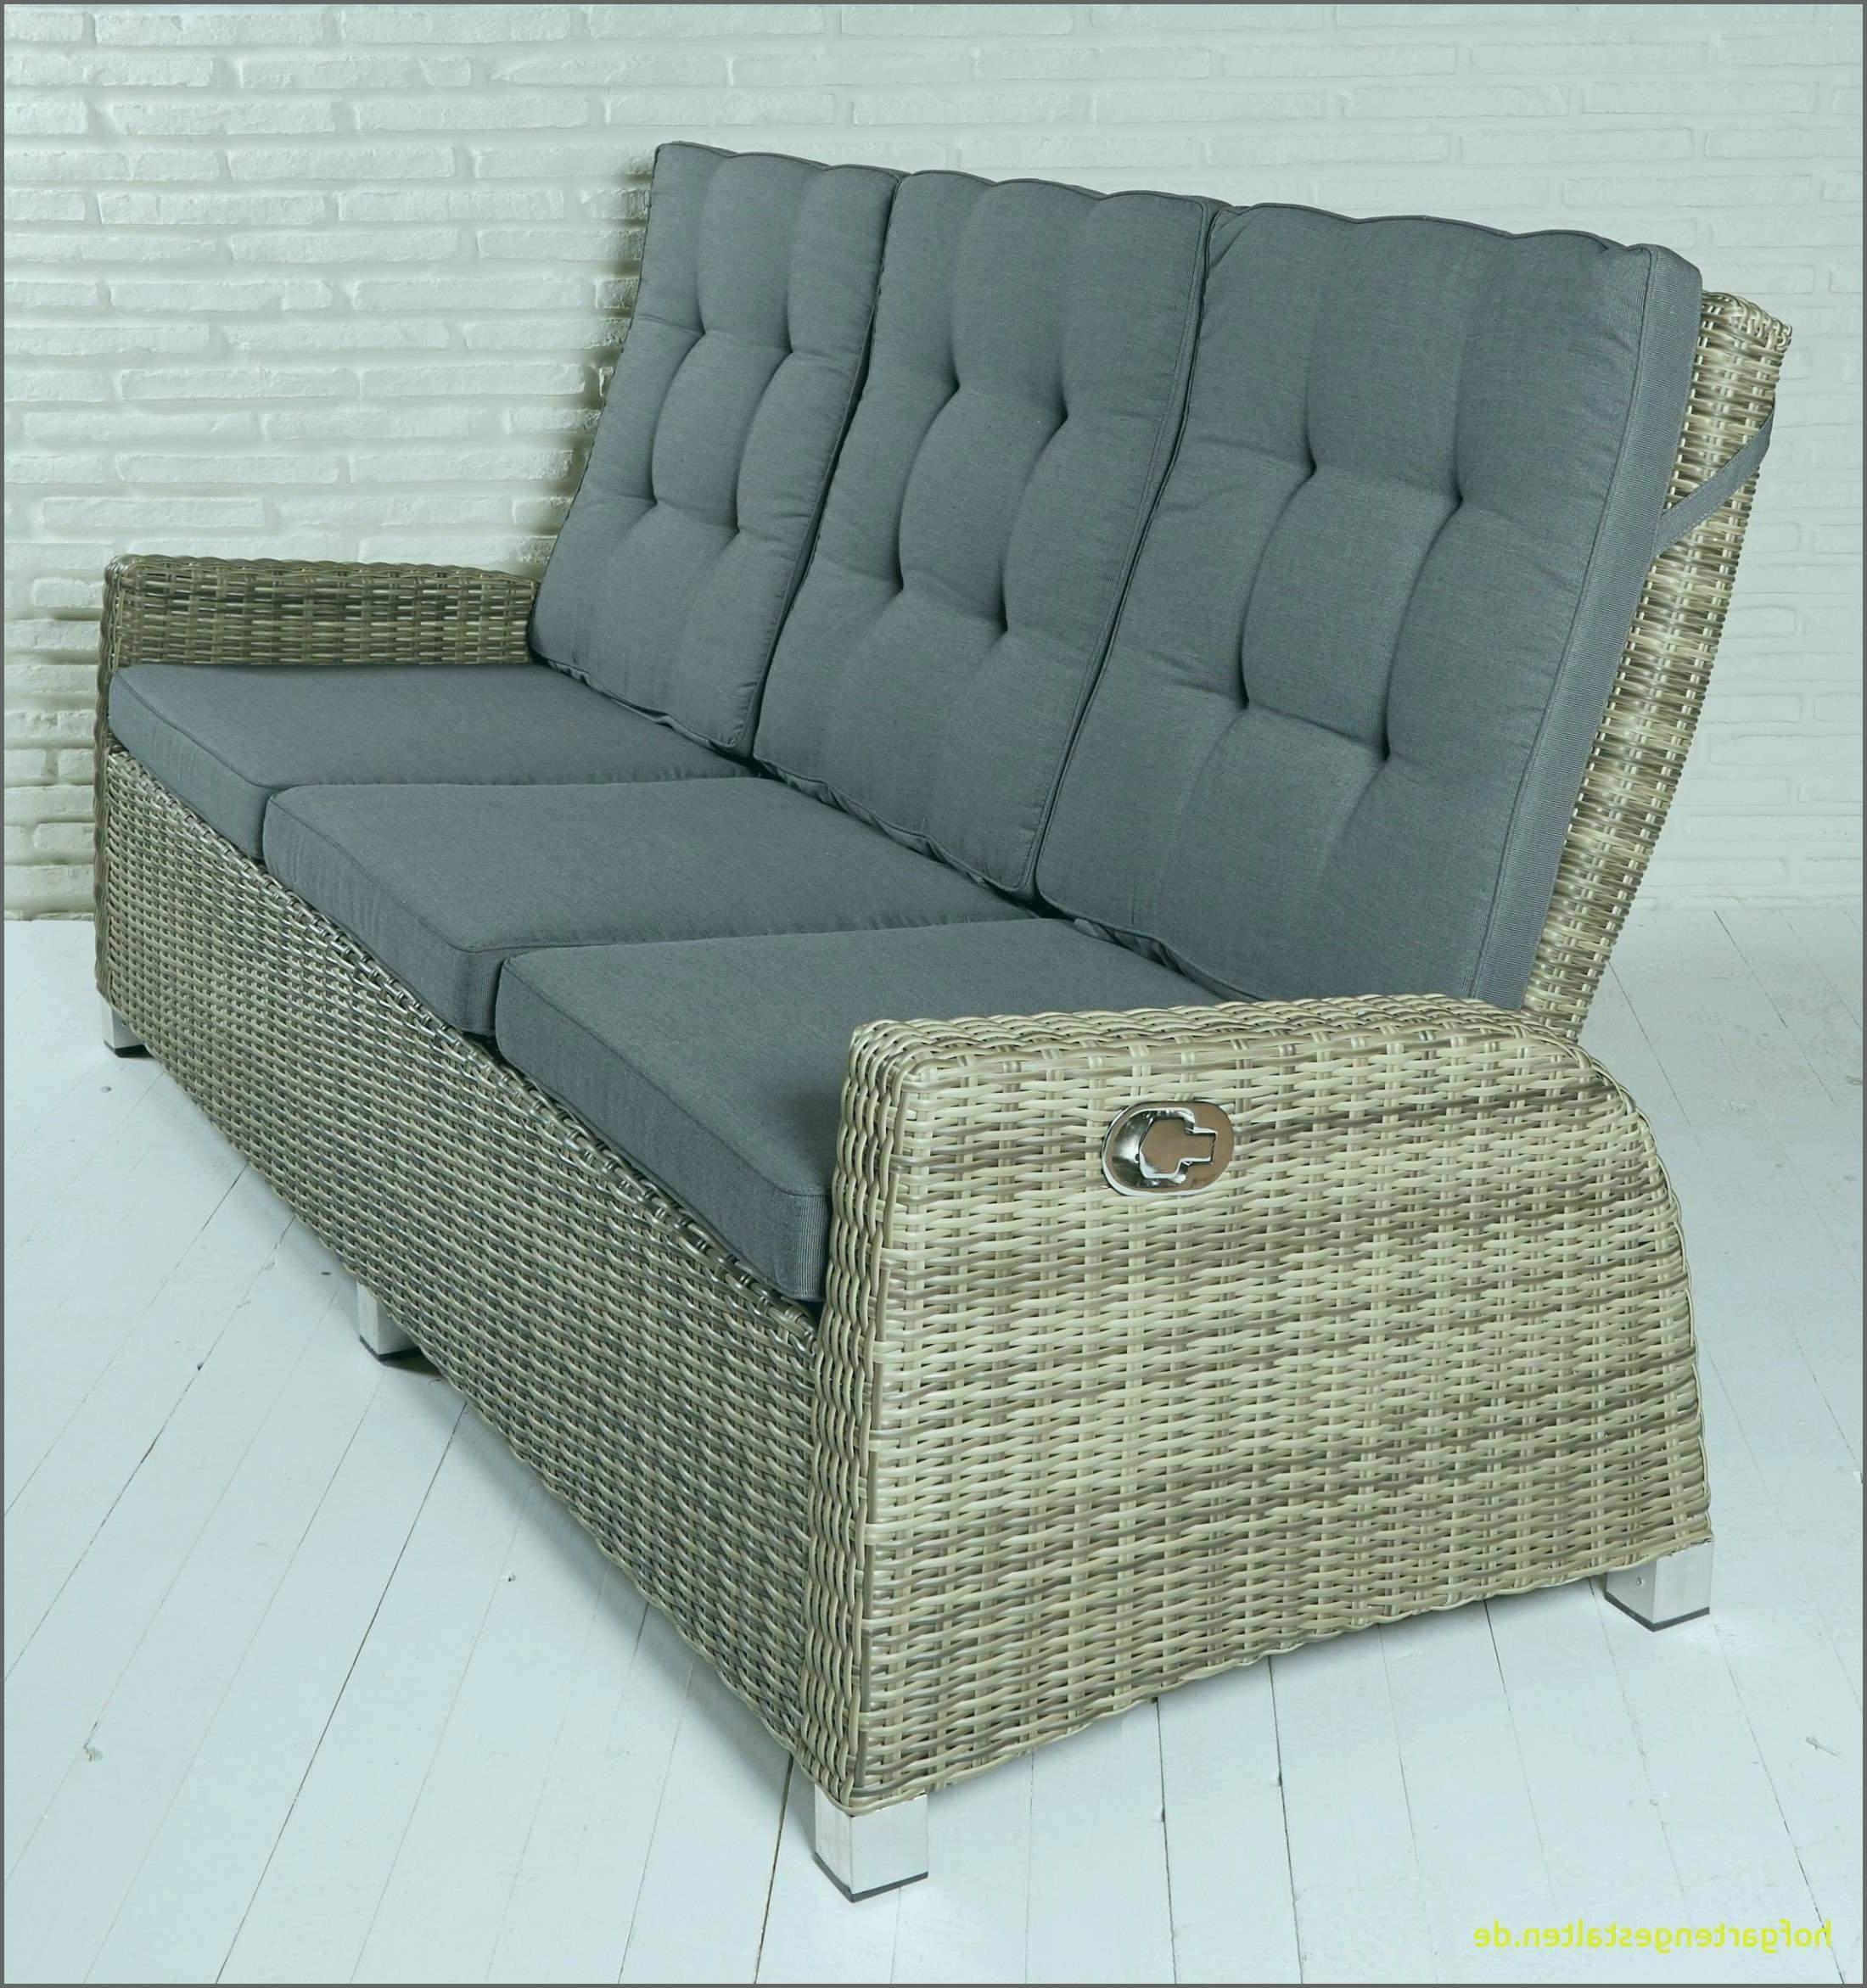 rattan sofa wohnzimmer elegant 40 allgemeines und sauber lounge sofa wohnzimmer of rattan sofa wohnzimmer